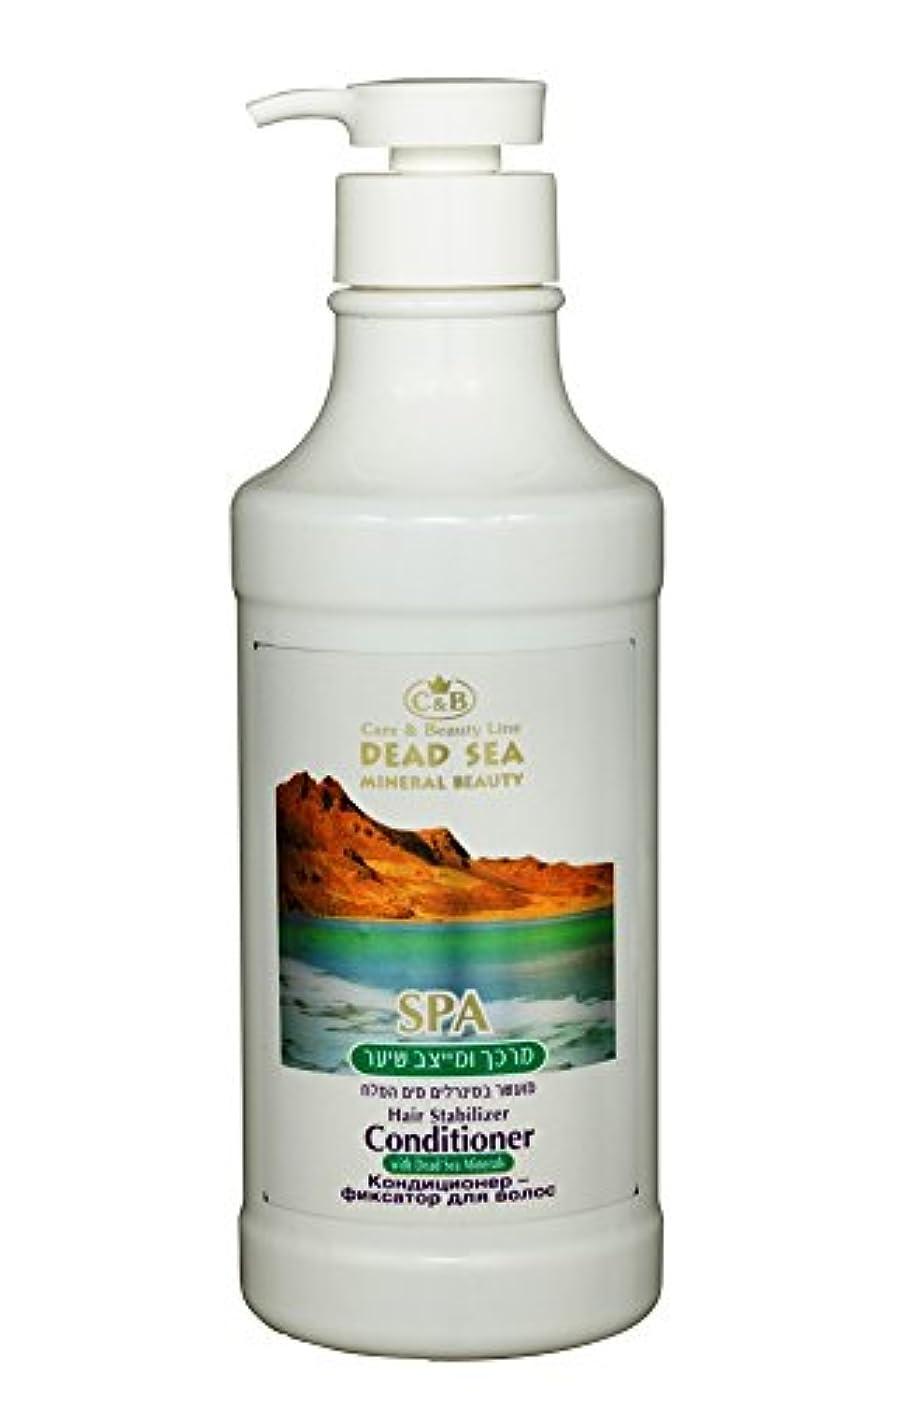 収益緩める前置詞ヘア?安定剤とコンディショナー 750mL 死海ミネラル (Hair Stabilizer and Conditioner)